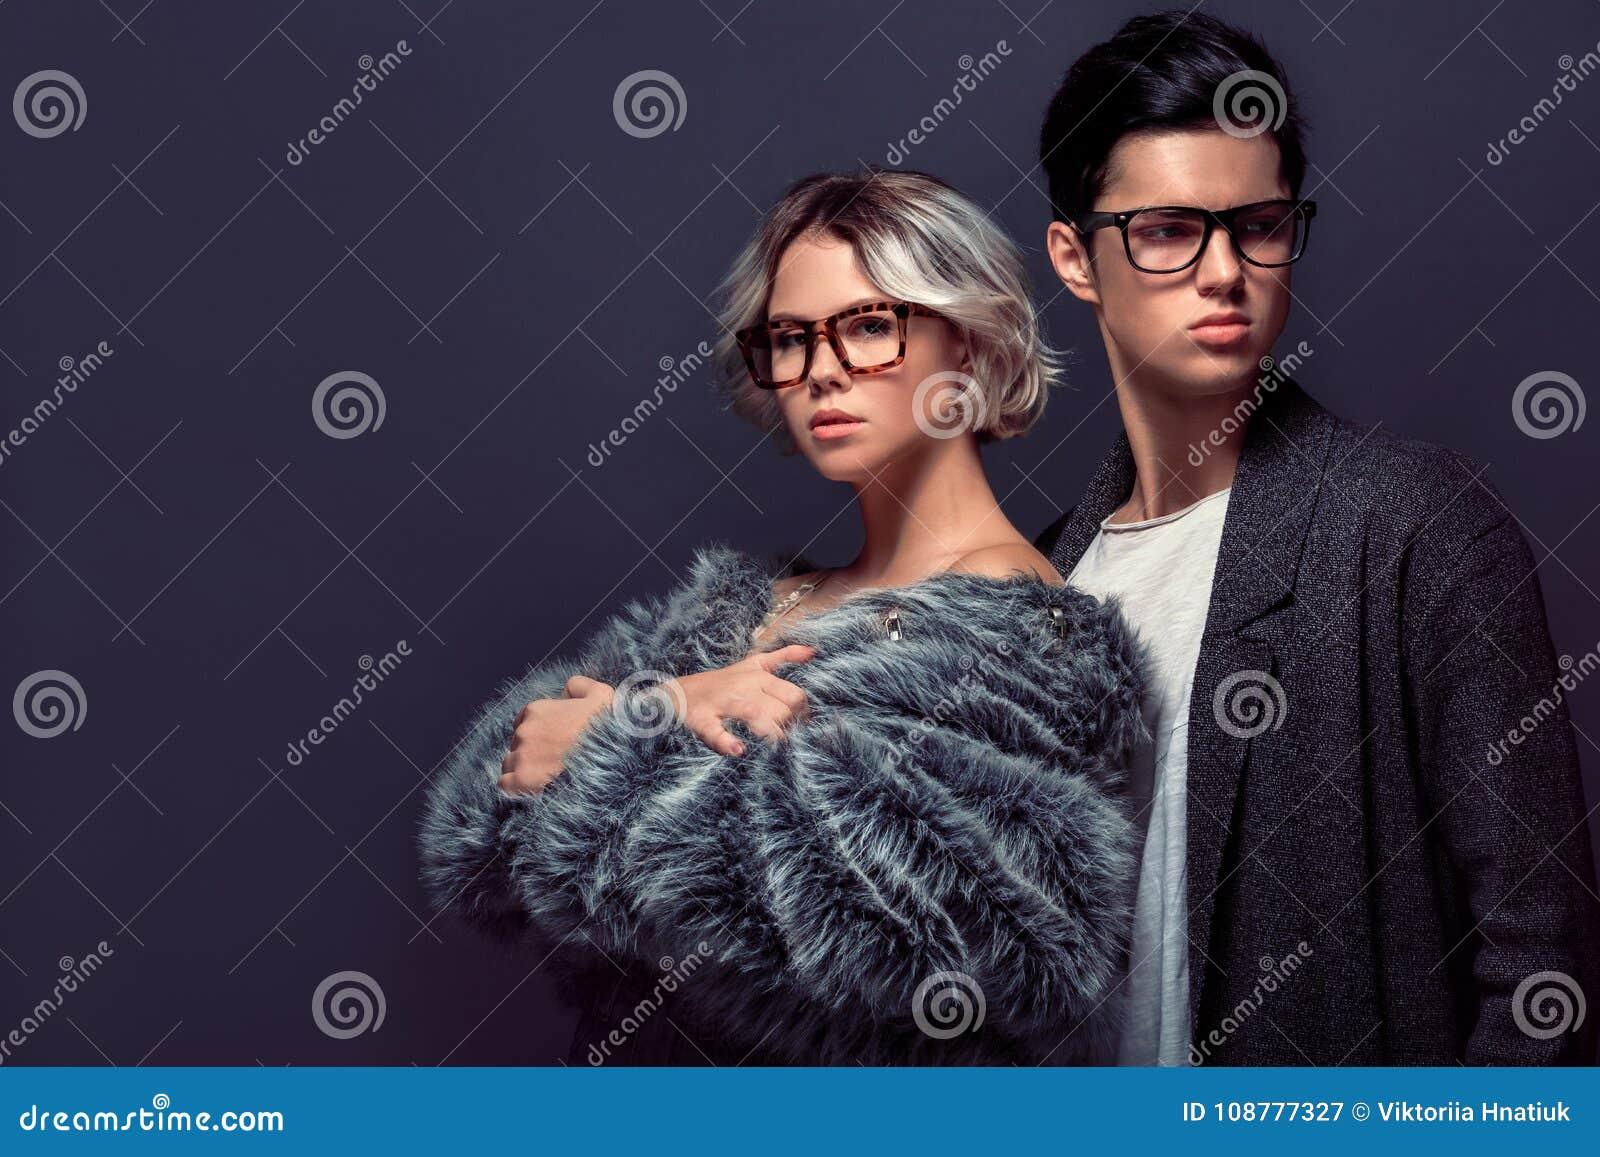 Das Studiotrieb des jungen Mannes und der Frau, das auf grauer Wand lokalisiert wird, arbeiten Fachmann um